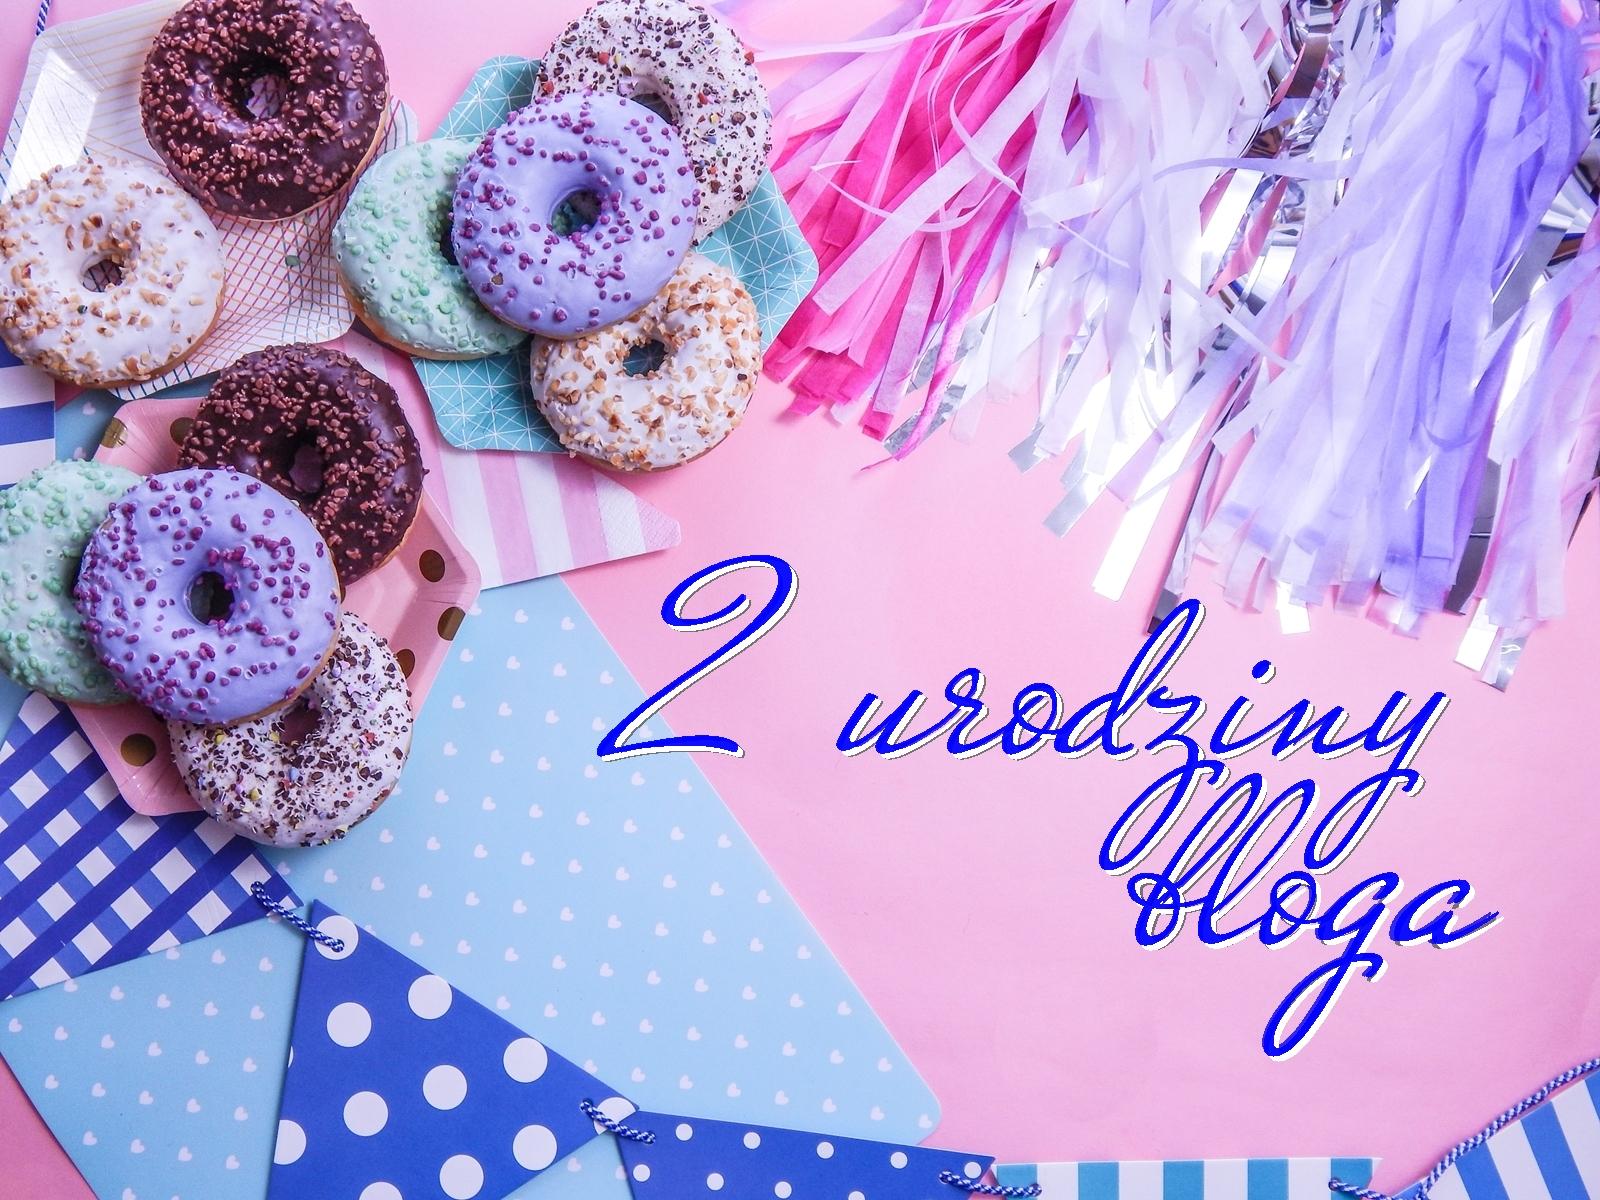 1_nagłówek konkurs 2 urodziny bloga melodylaniella nagrody wygraj kosmetyki serum liqpharm kosmetyki zielone laboratorium do wygrania choker pędzle do makijażu mleczko odżywka donuts birthday happy rozdanie